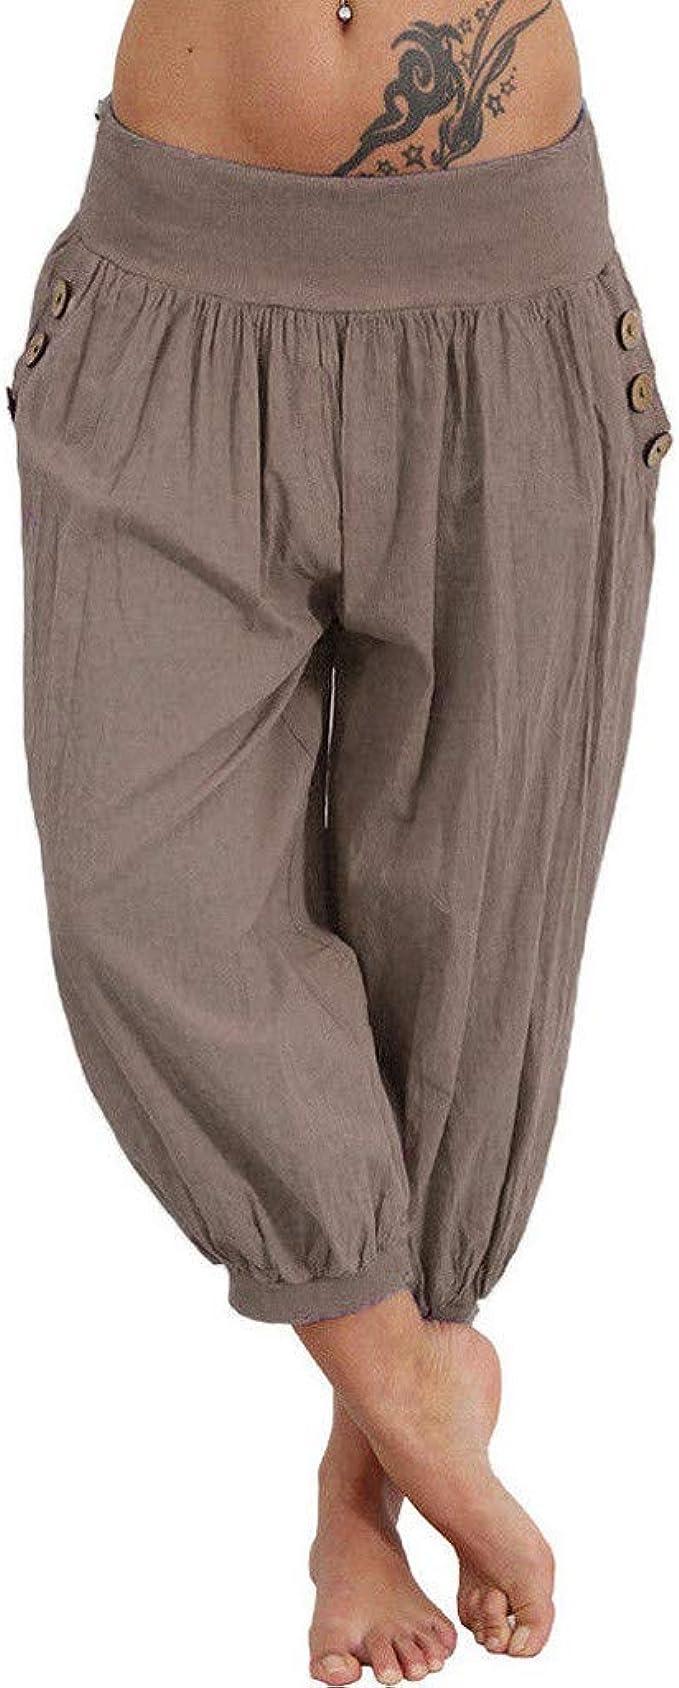 Amazon.com: Selinora Pantalones de yoga para mujer de talla ...